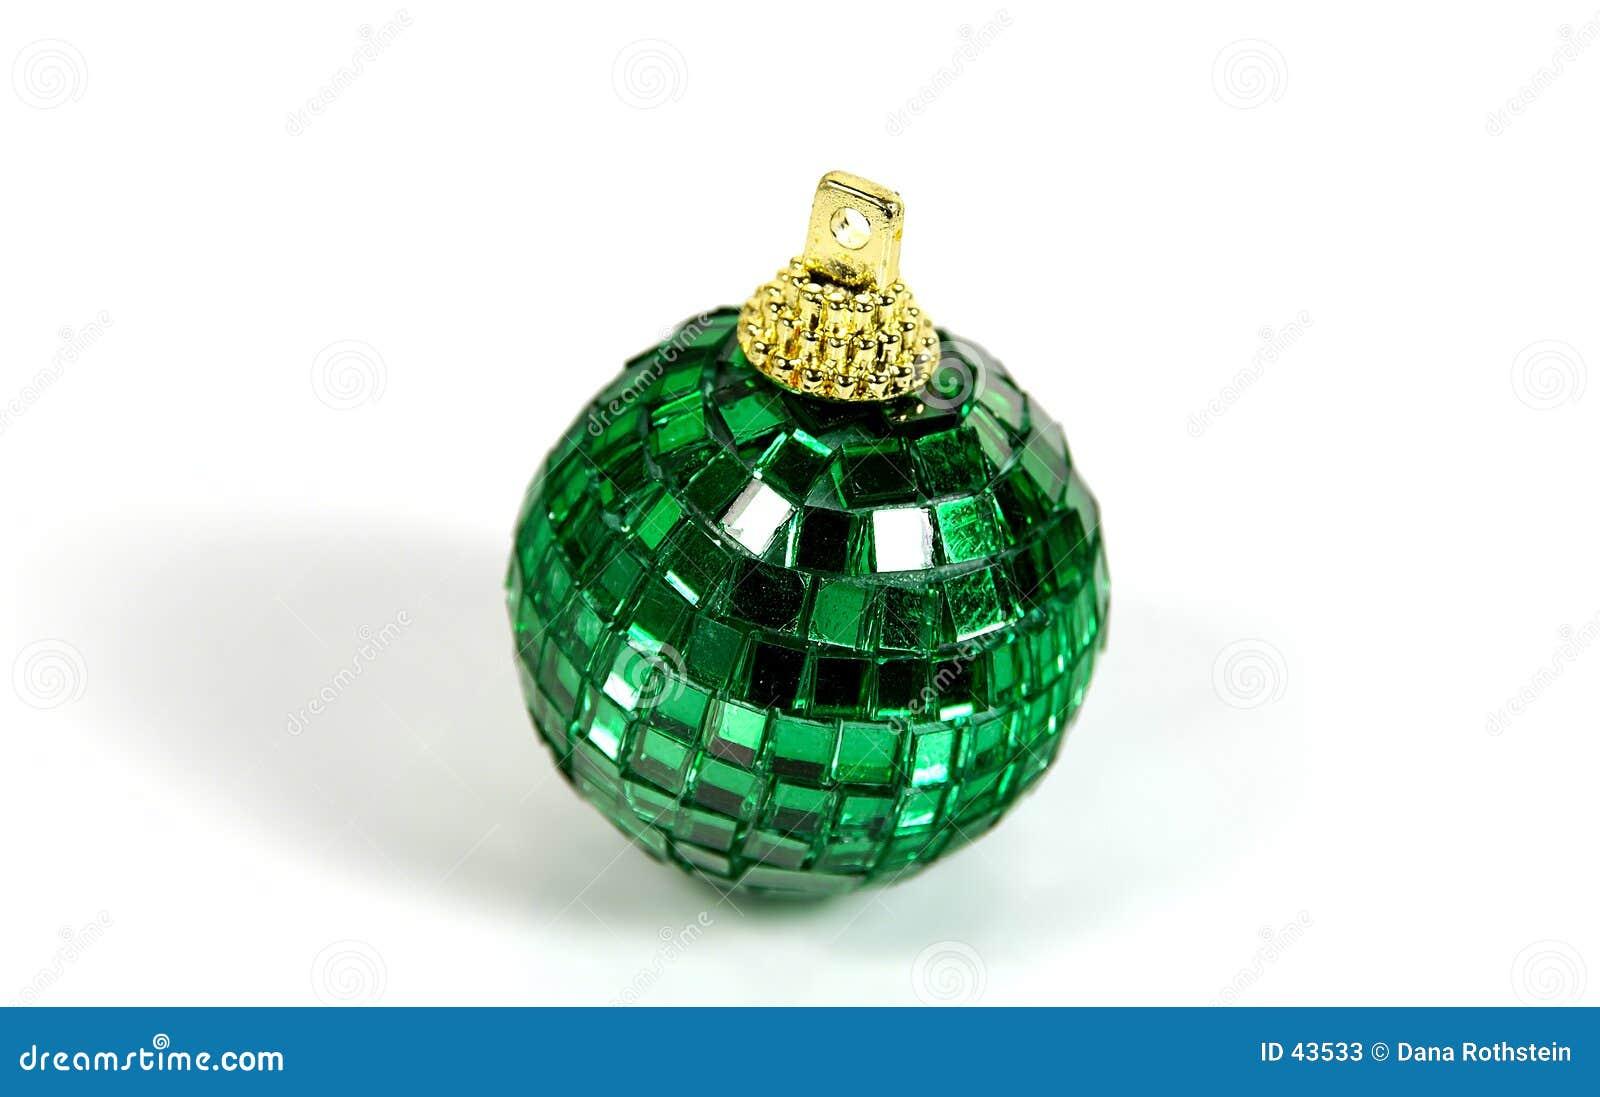 Green Ornament